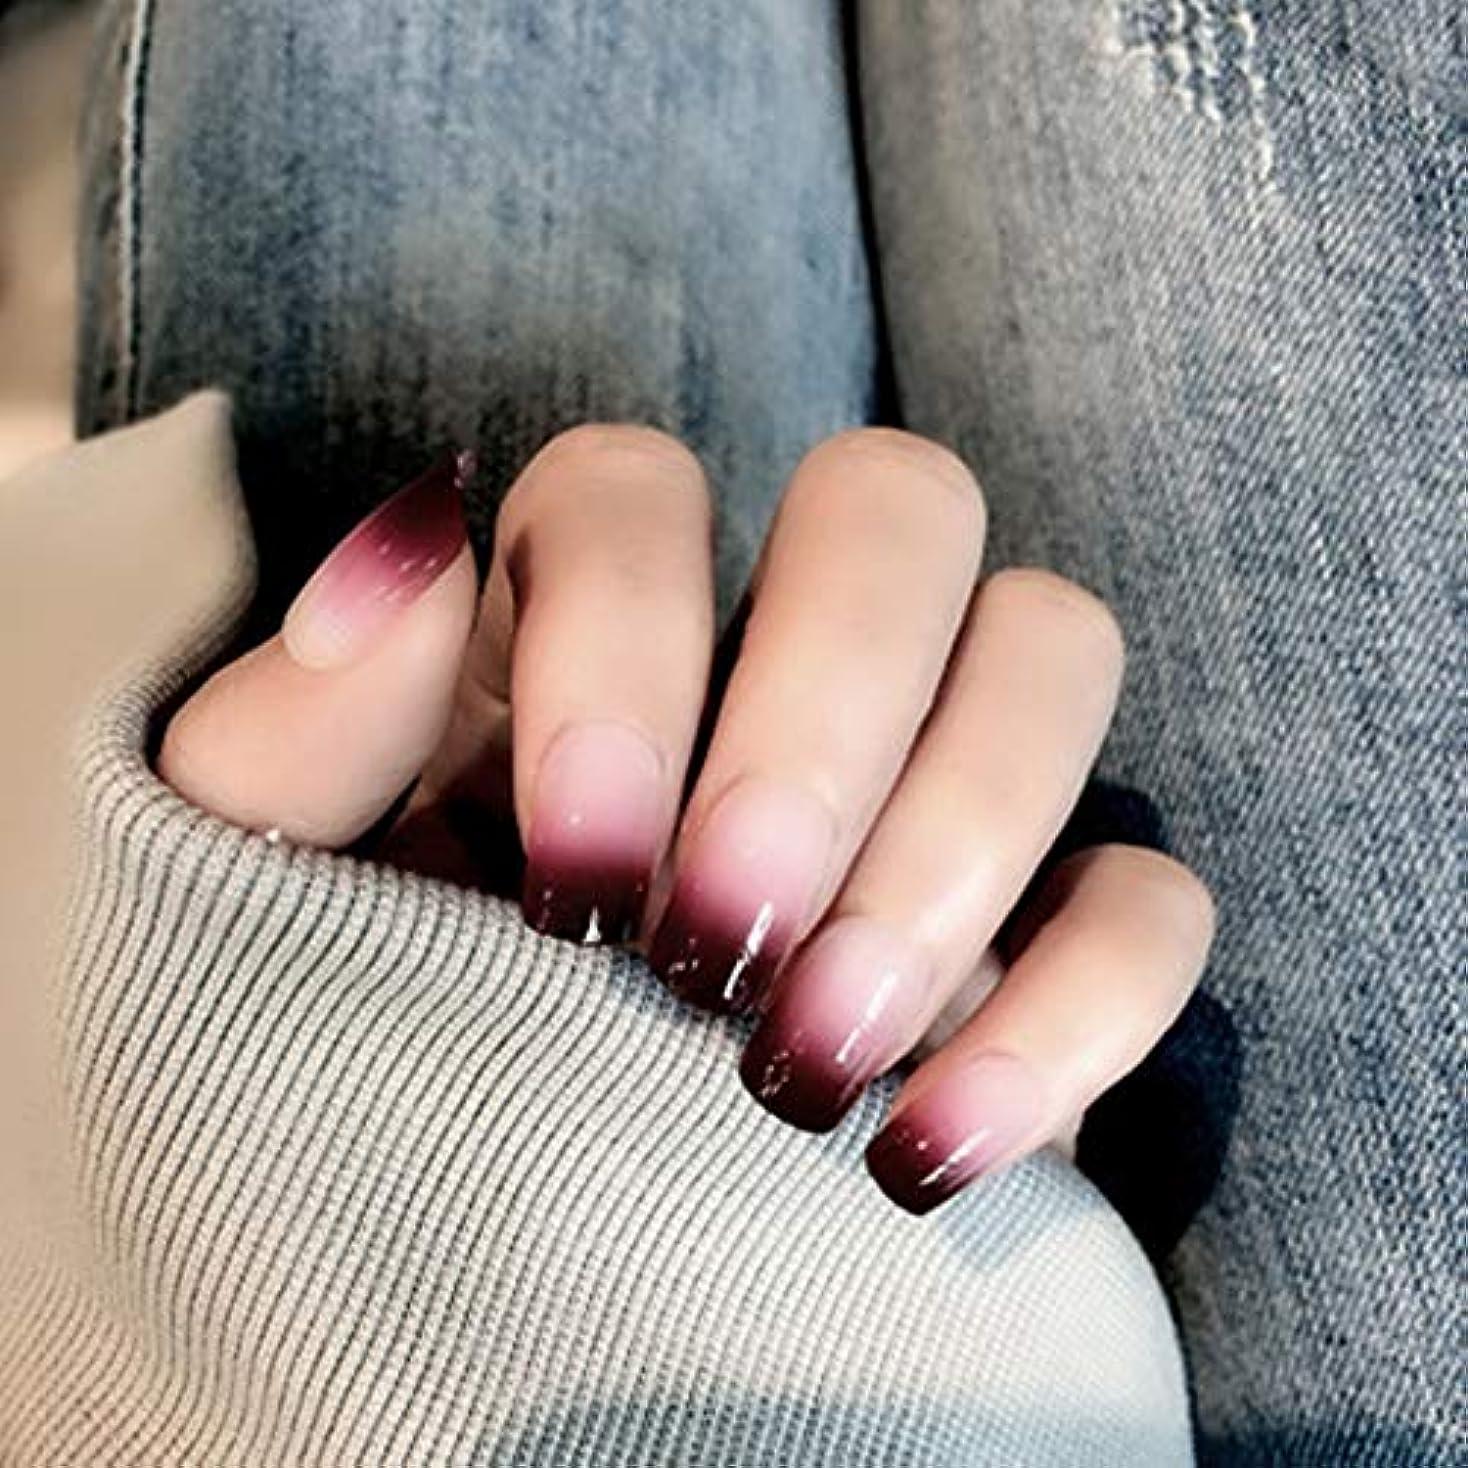 かび臭い空中やけどXUTXZKA 女性およびステッカーのための24のPCの赤い勾配色の長い偽の釘の方法偽造品の釘